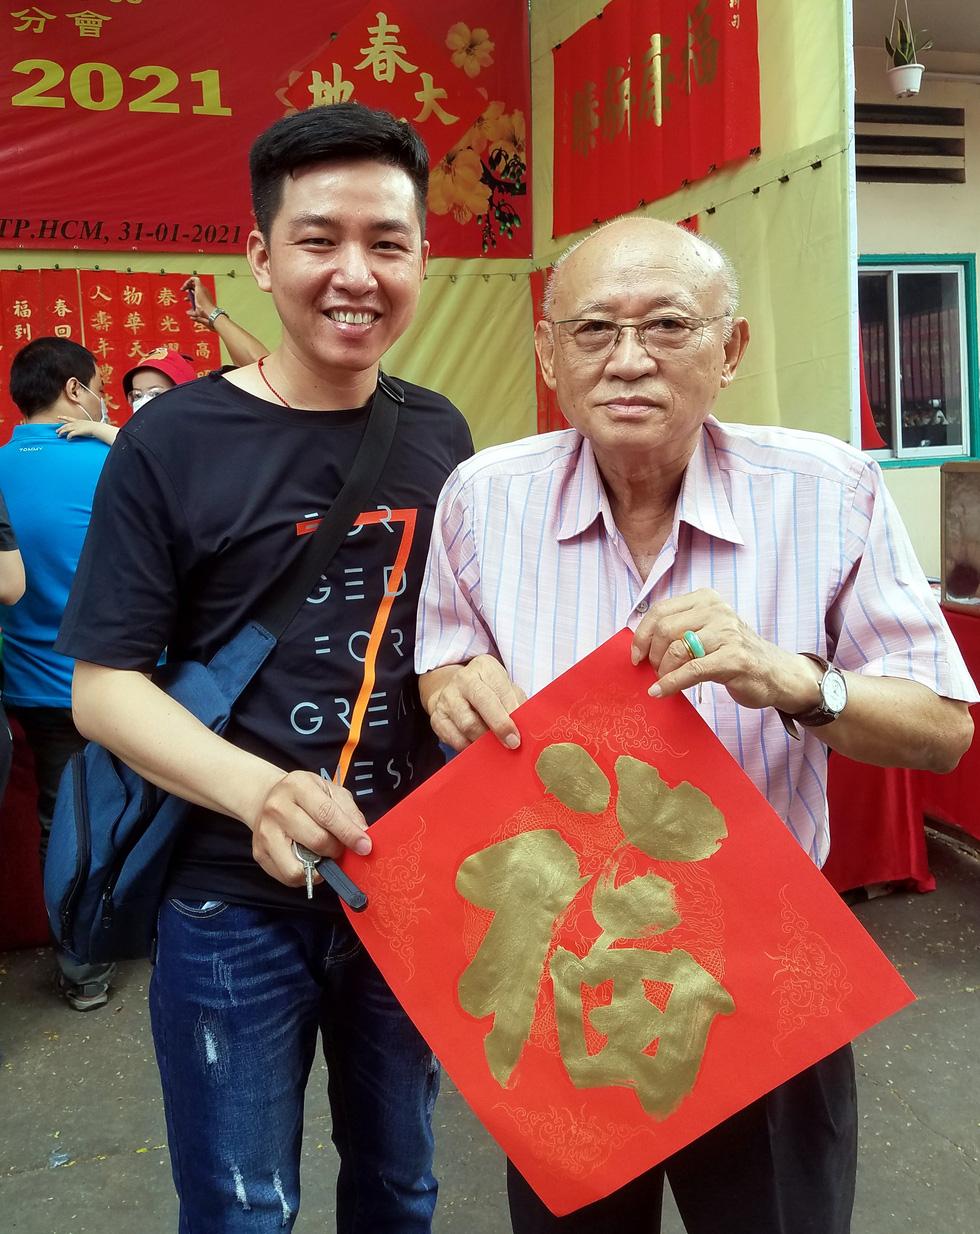 Thư pháp gia người Hoa cho chữ năm mới cầu mong dịch bệnh tiêu trừ - Ảnh 4.